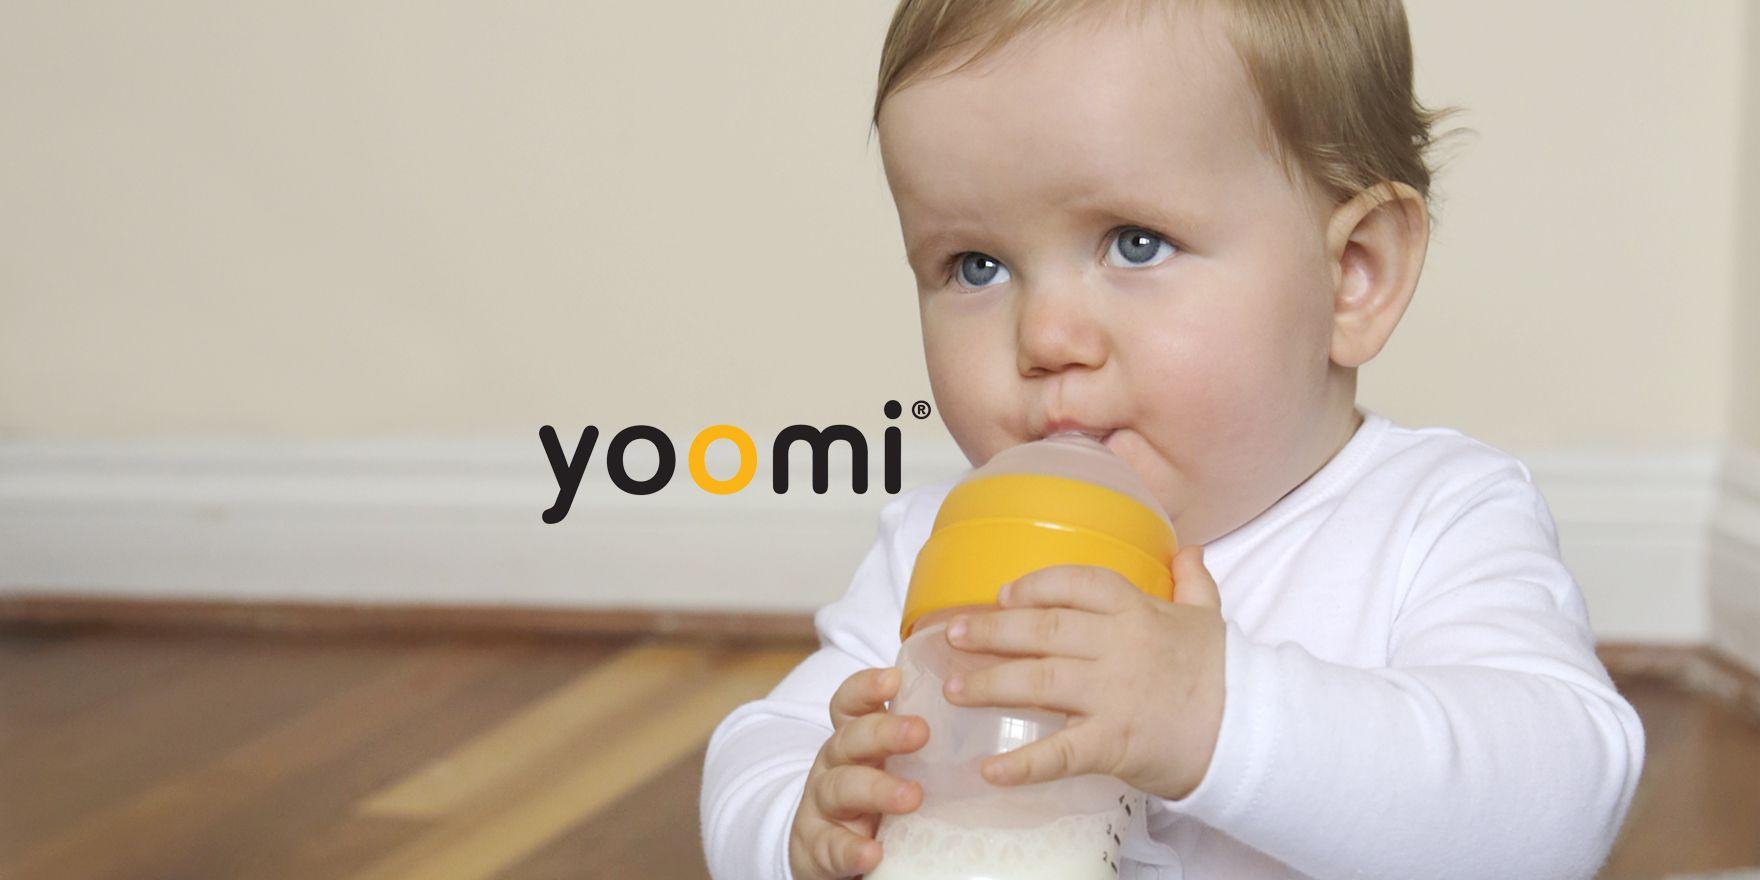 yoomi_00